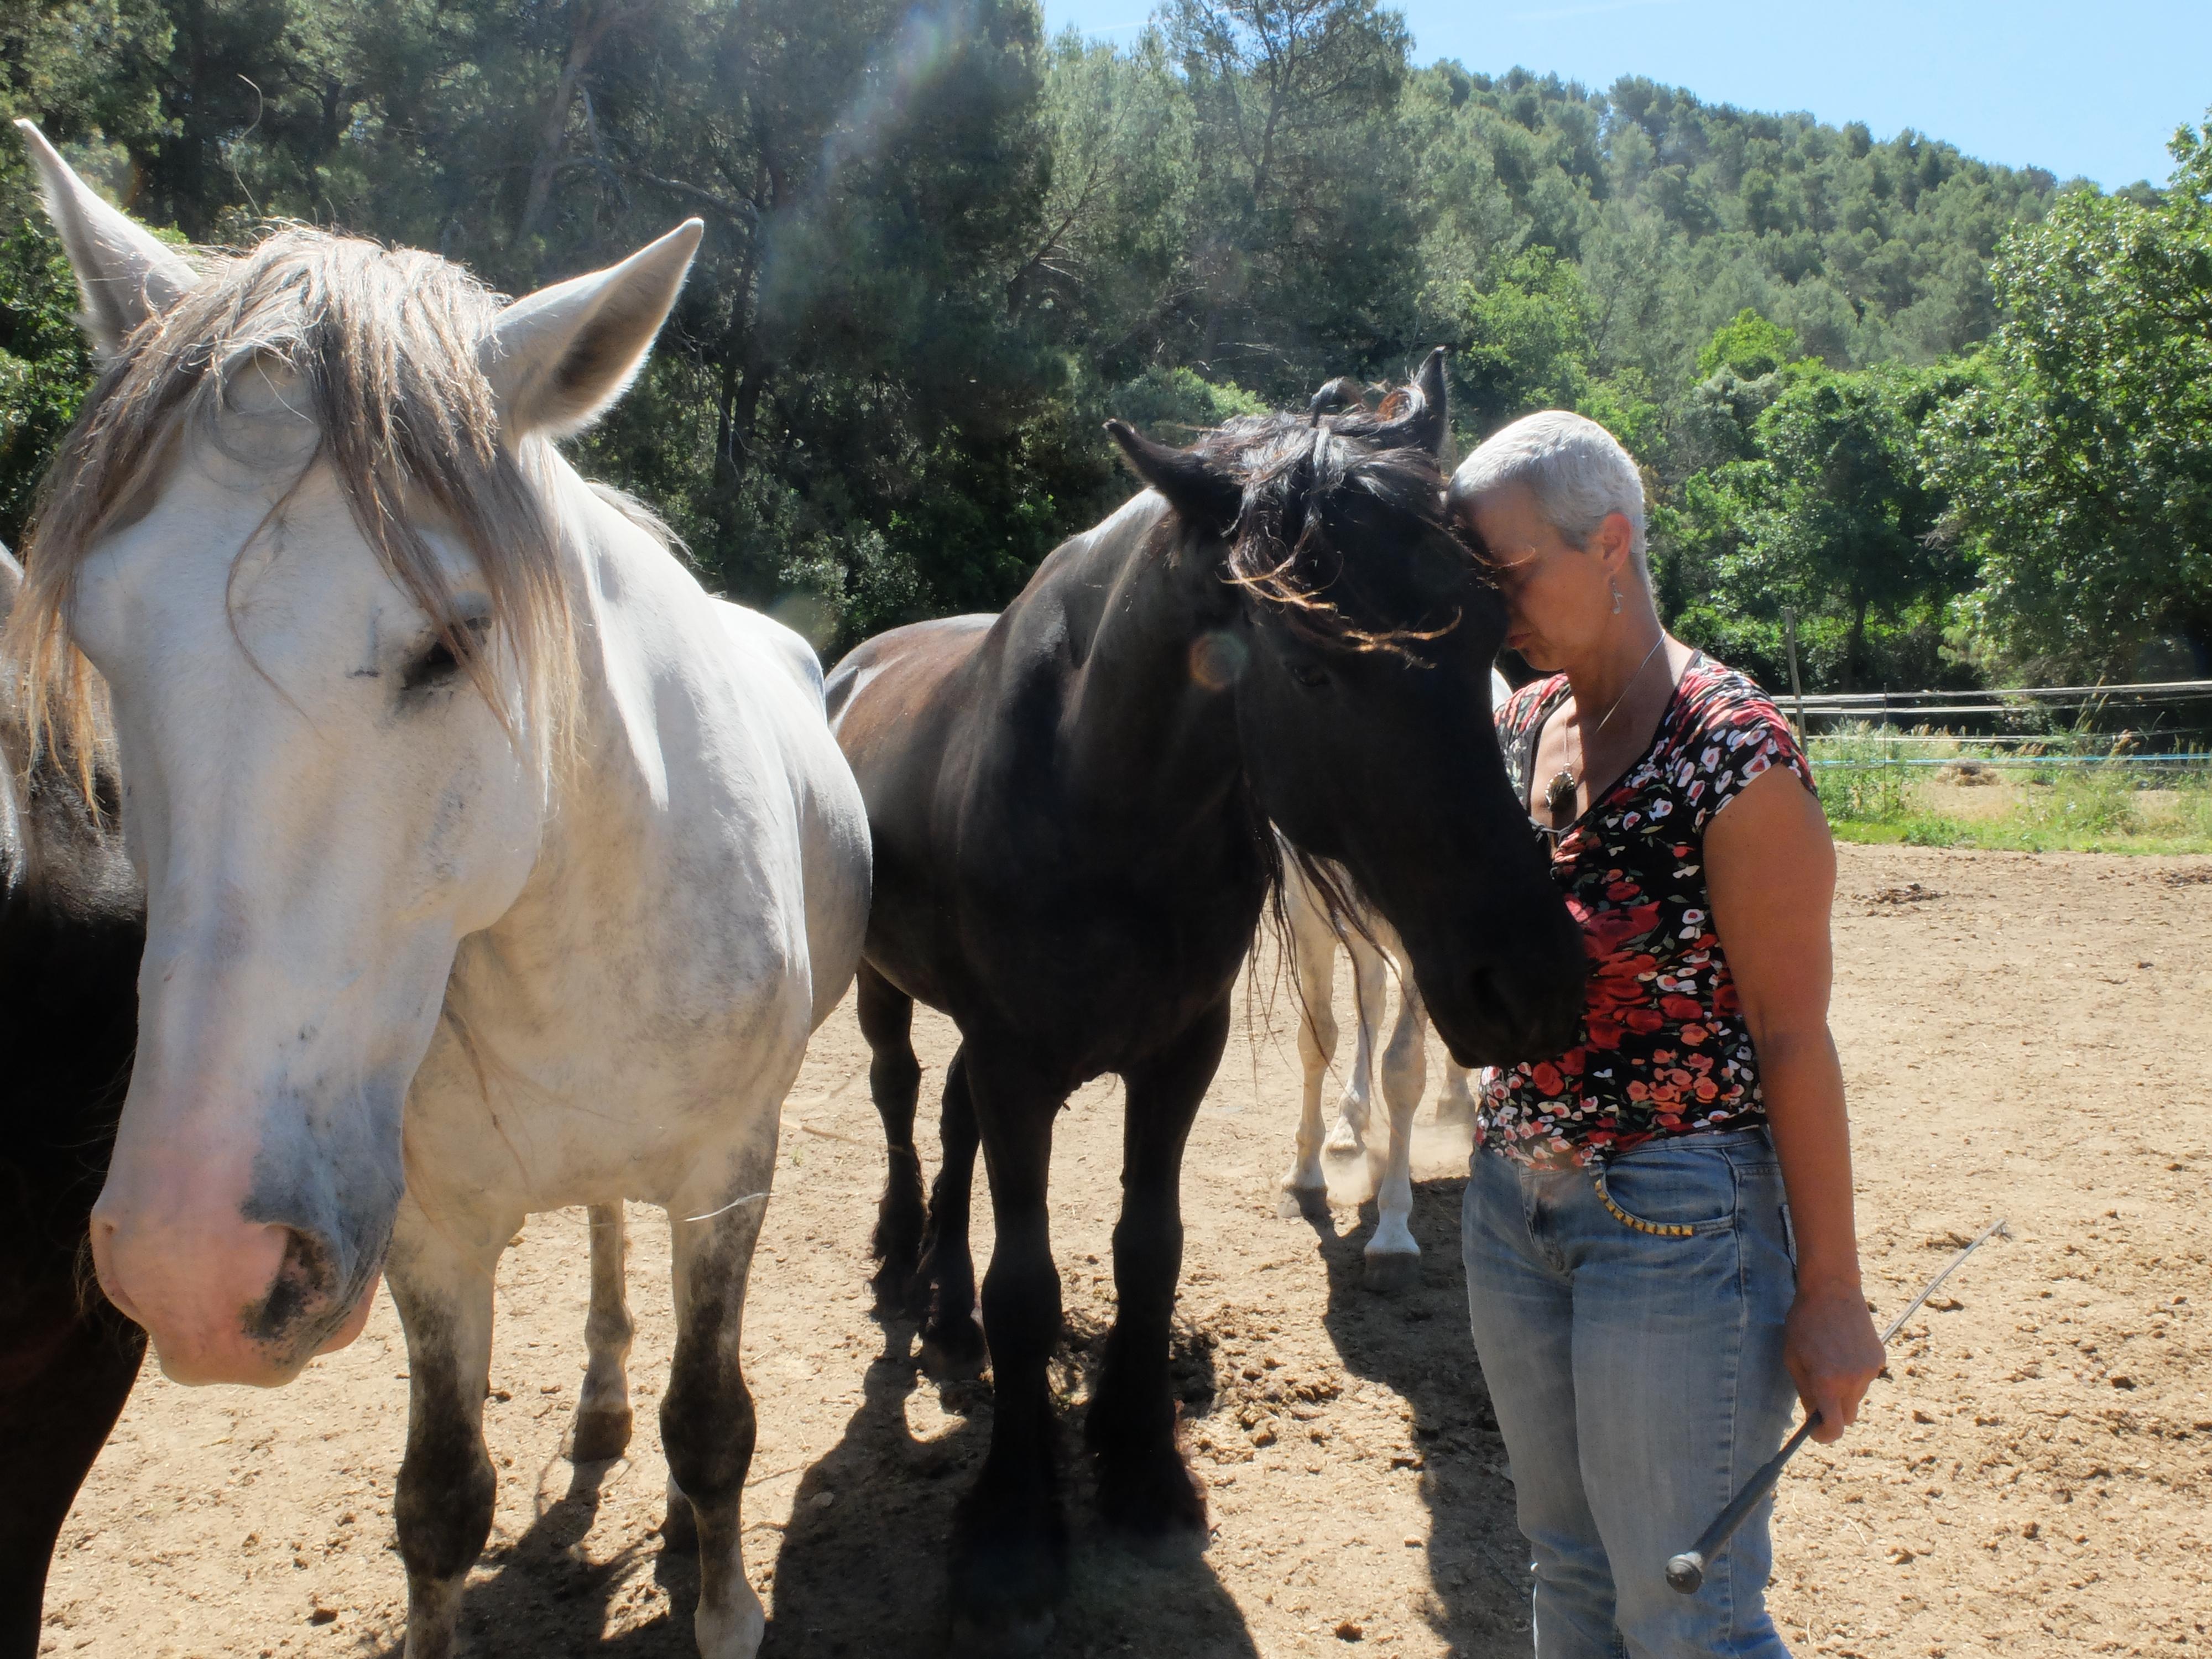 Séminaires bien-être & développement personnel en Provence